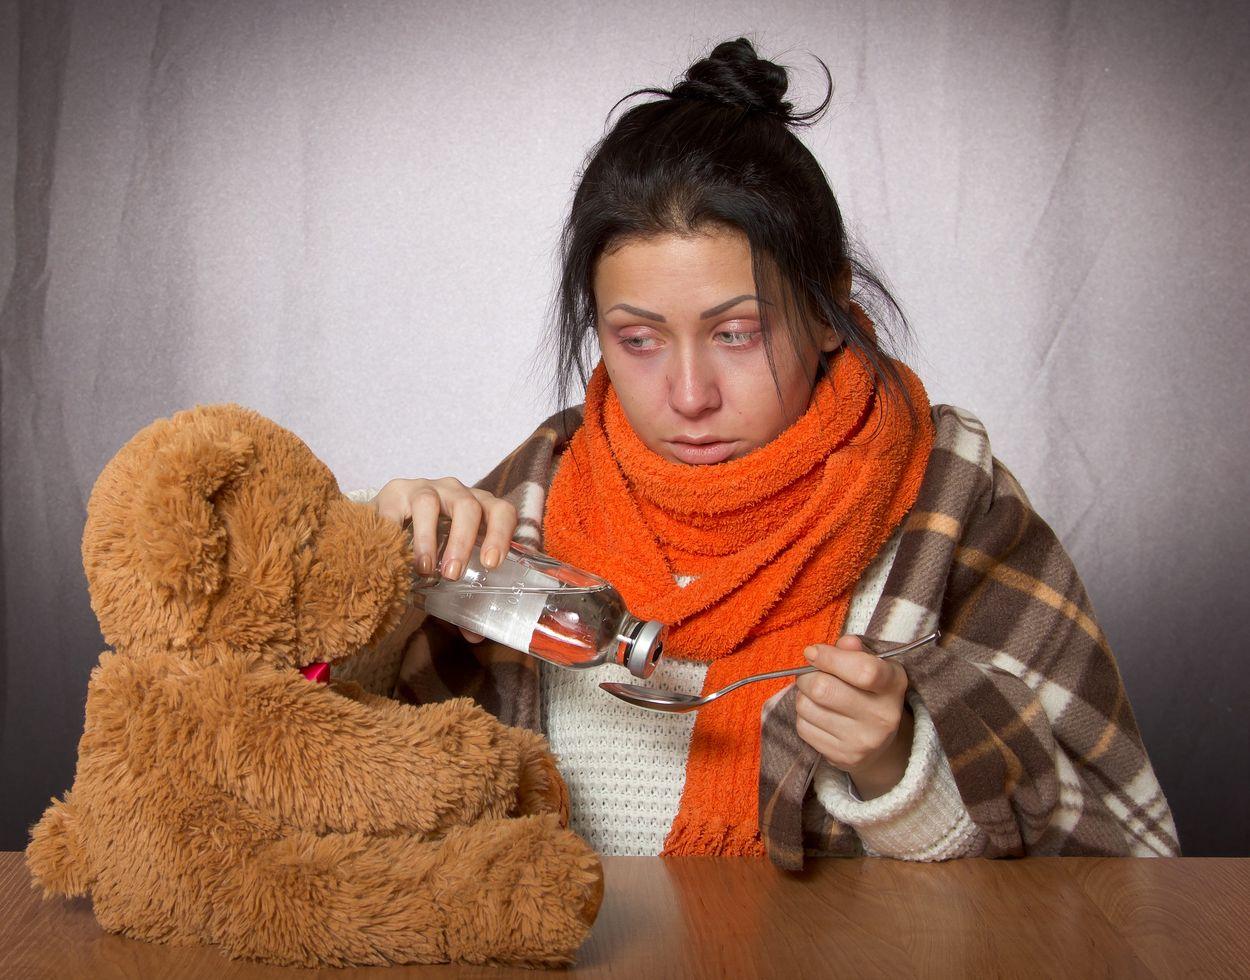 Afbeelding van Coronavirus is mild, maar gevaarlijk voor zieken en ouderen